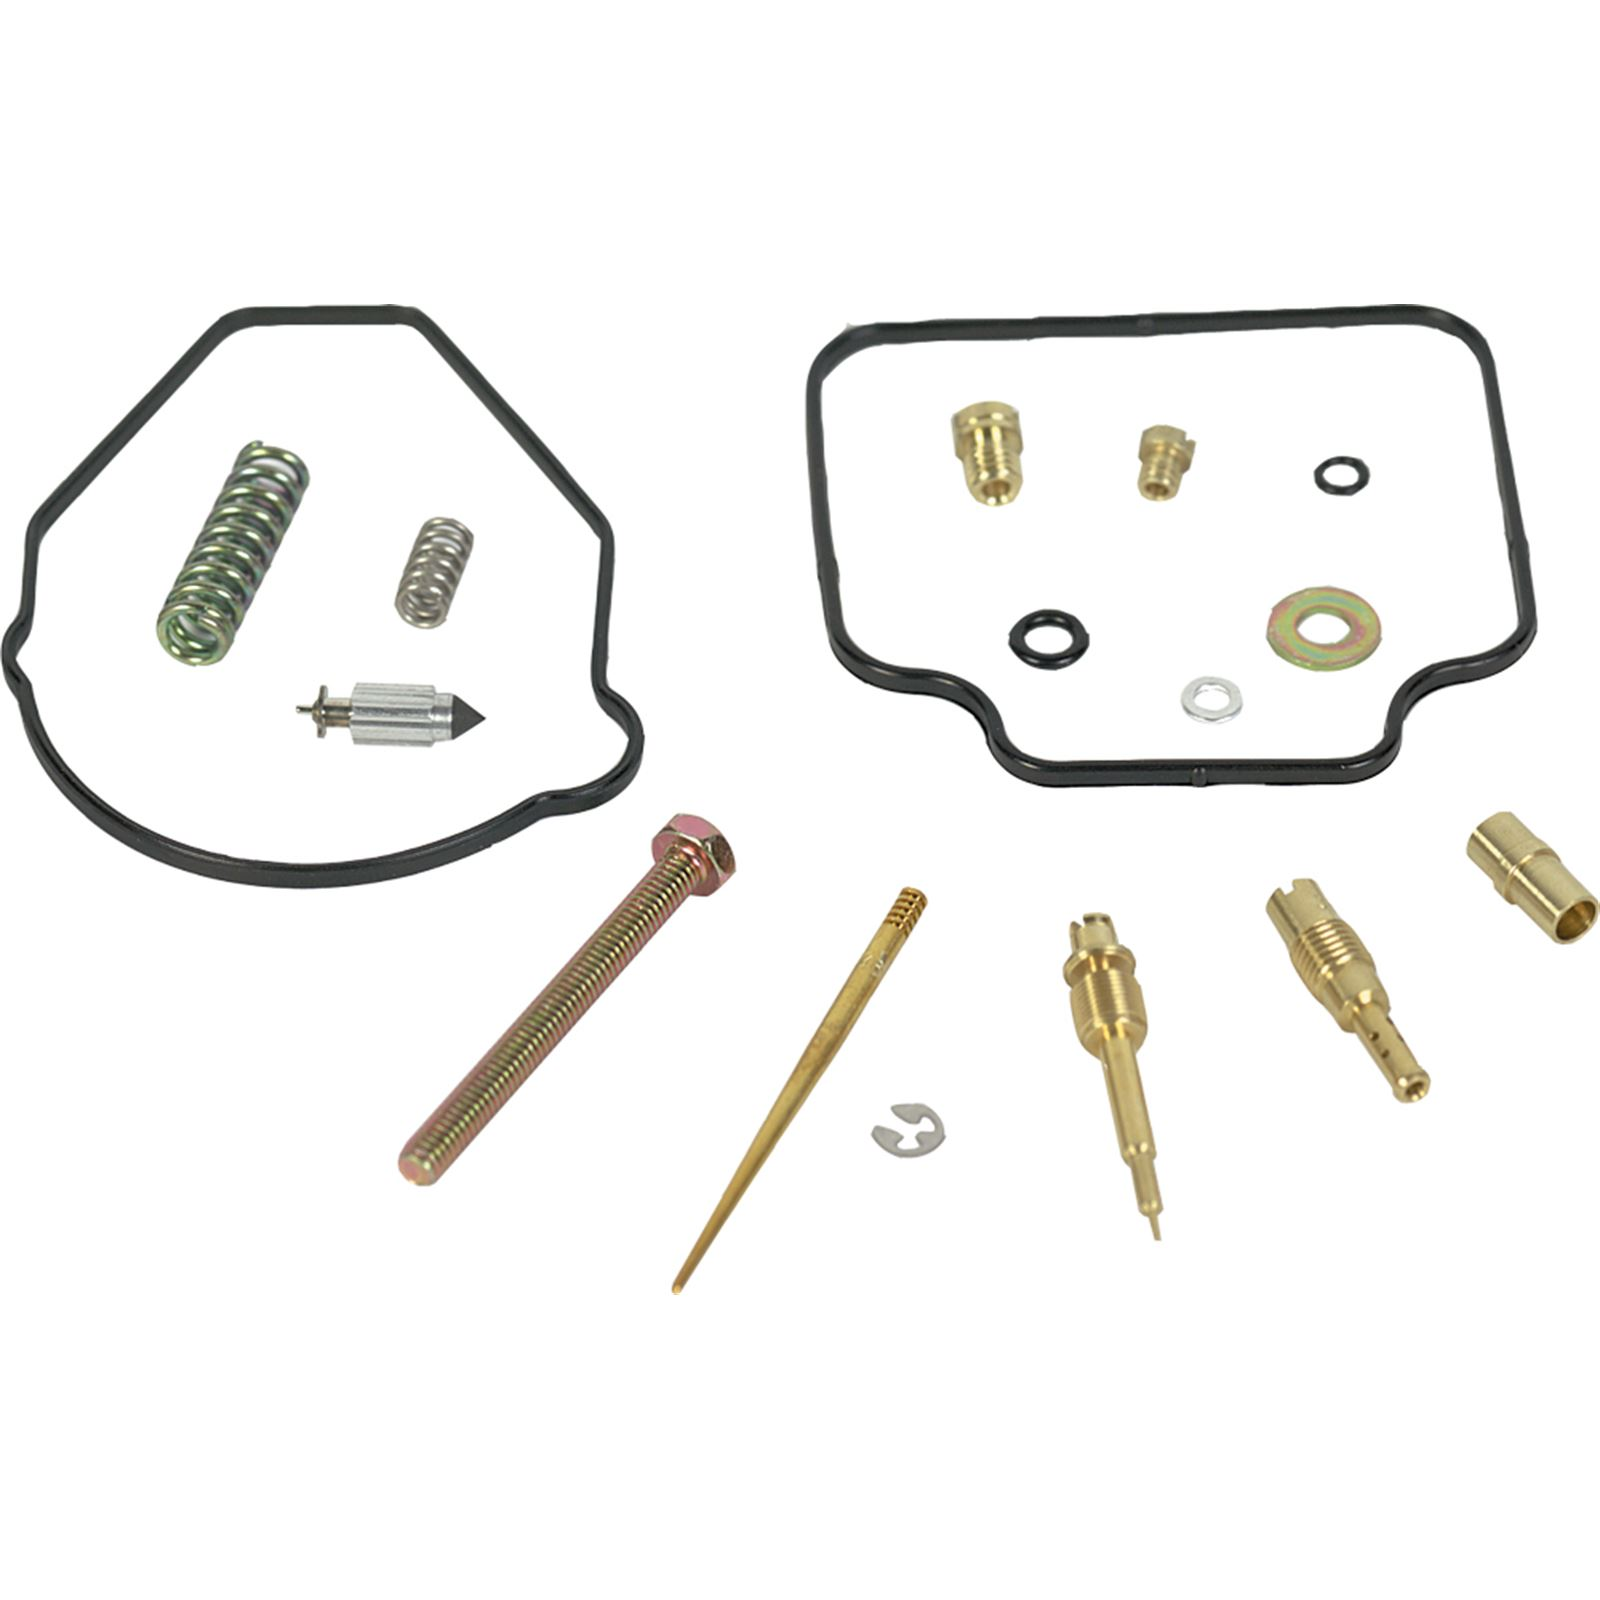 Shindy Carburetor Repair Kit